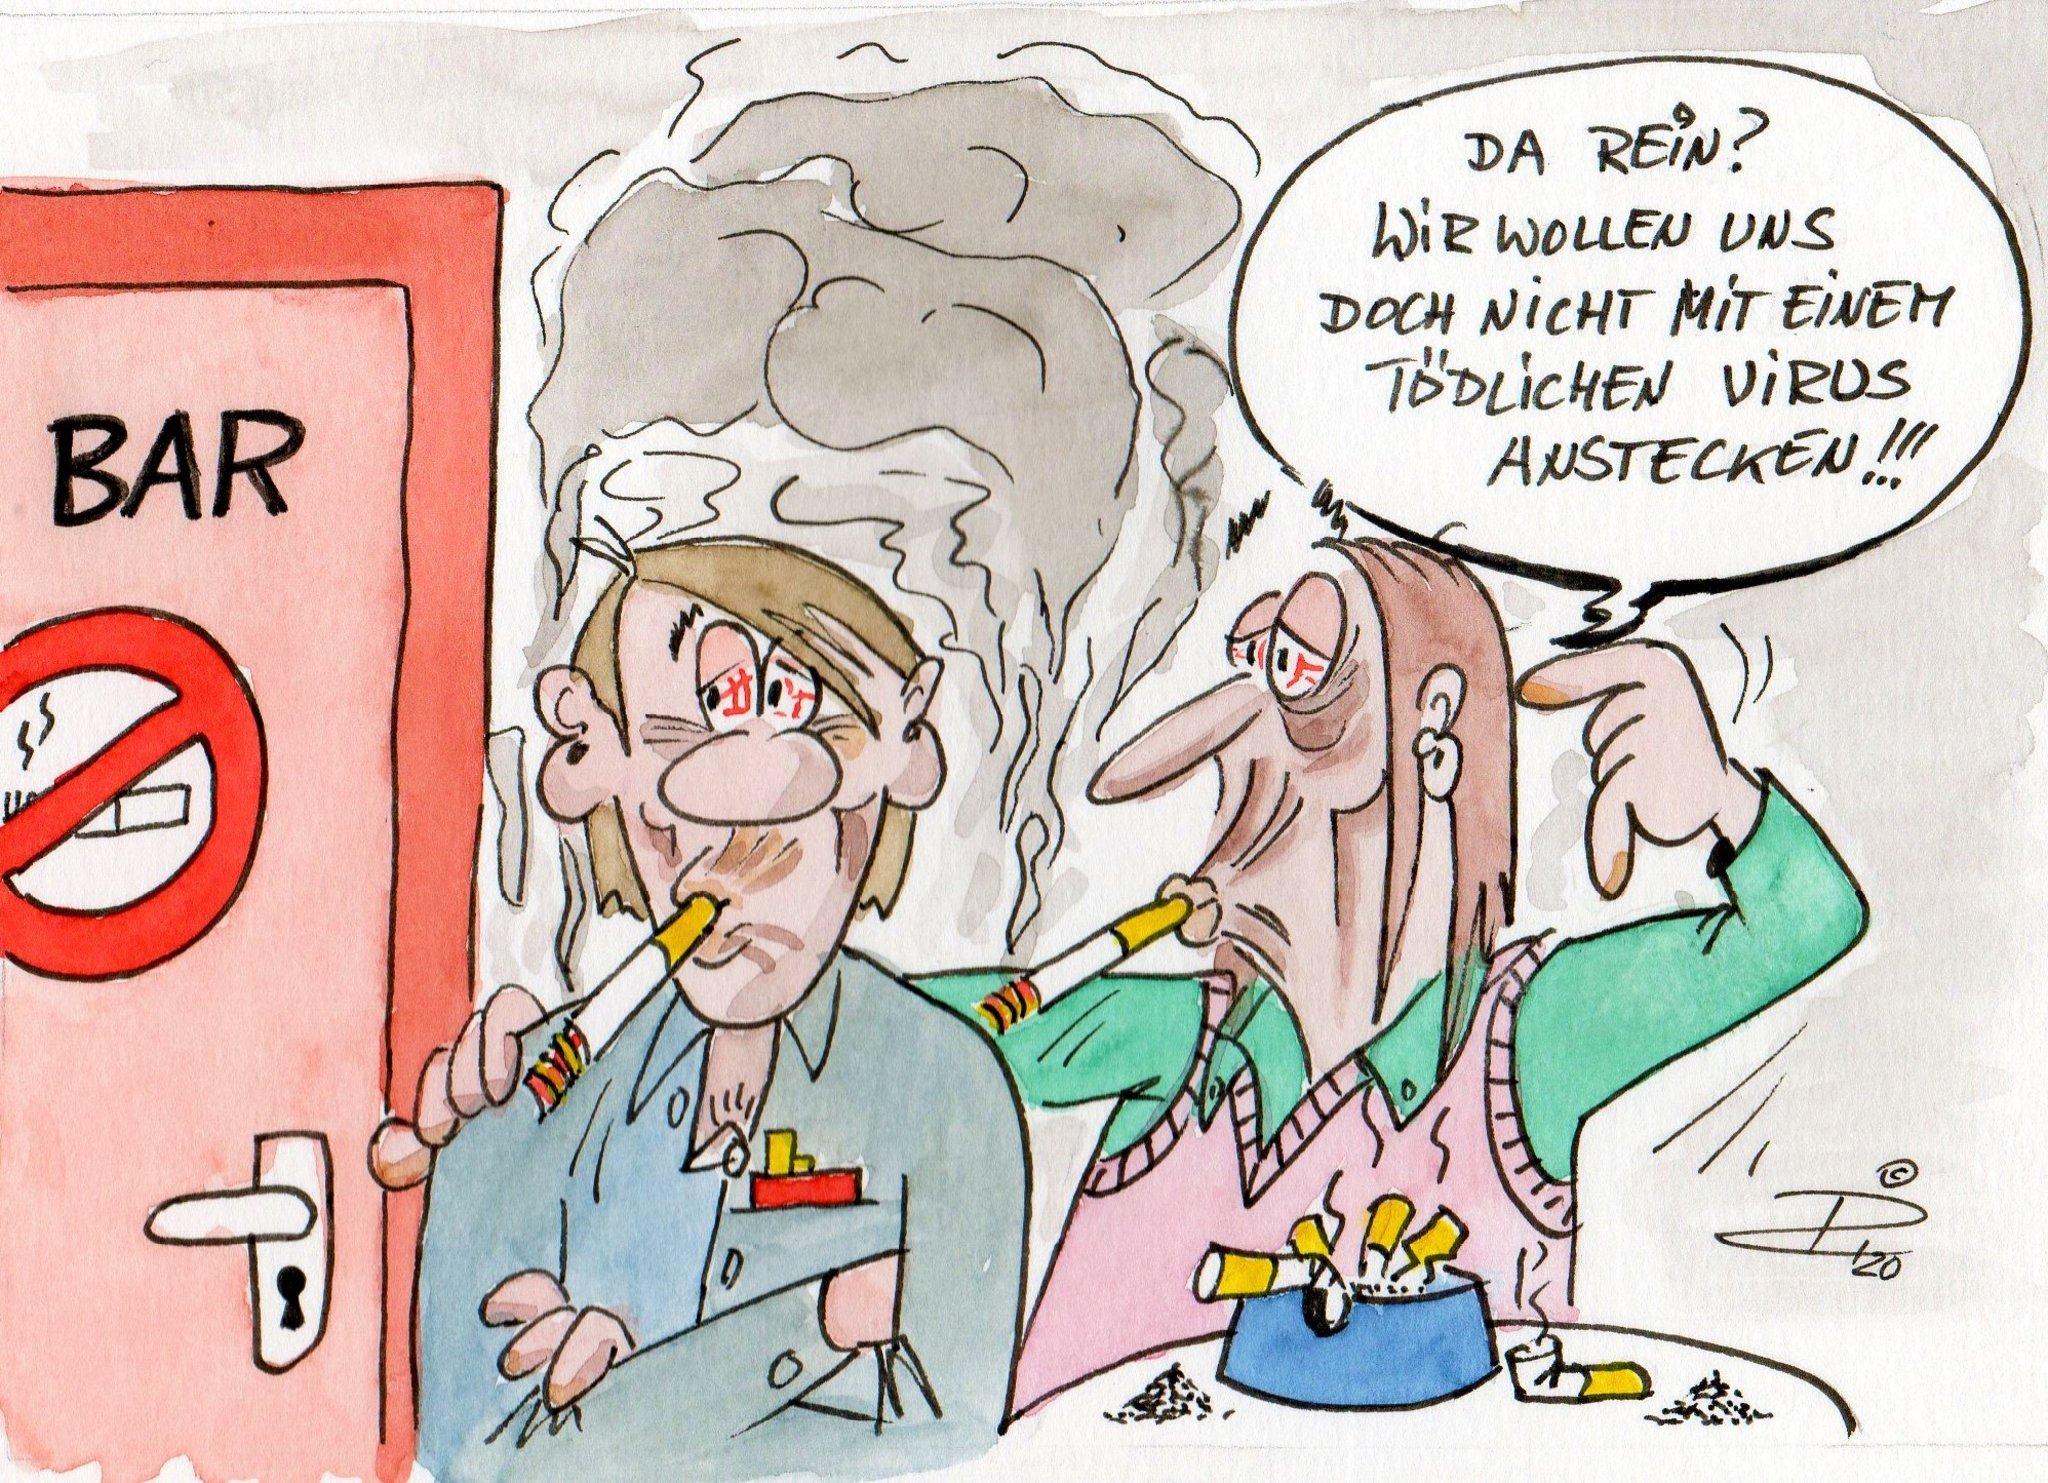 Raucher Und Corona